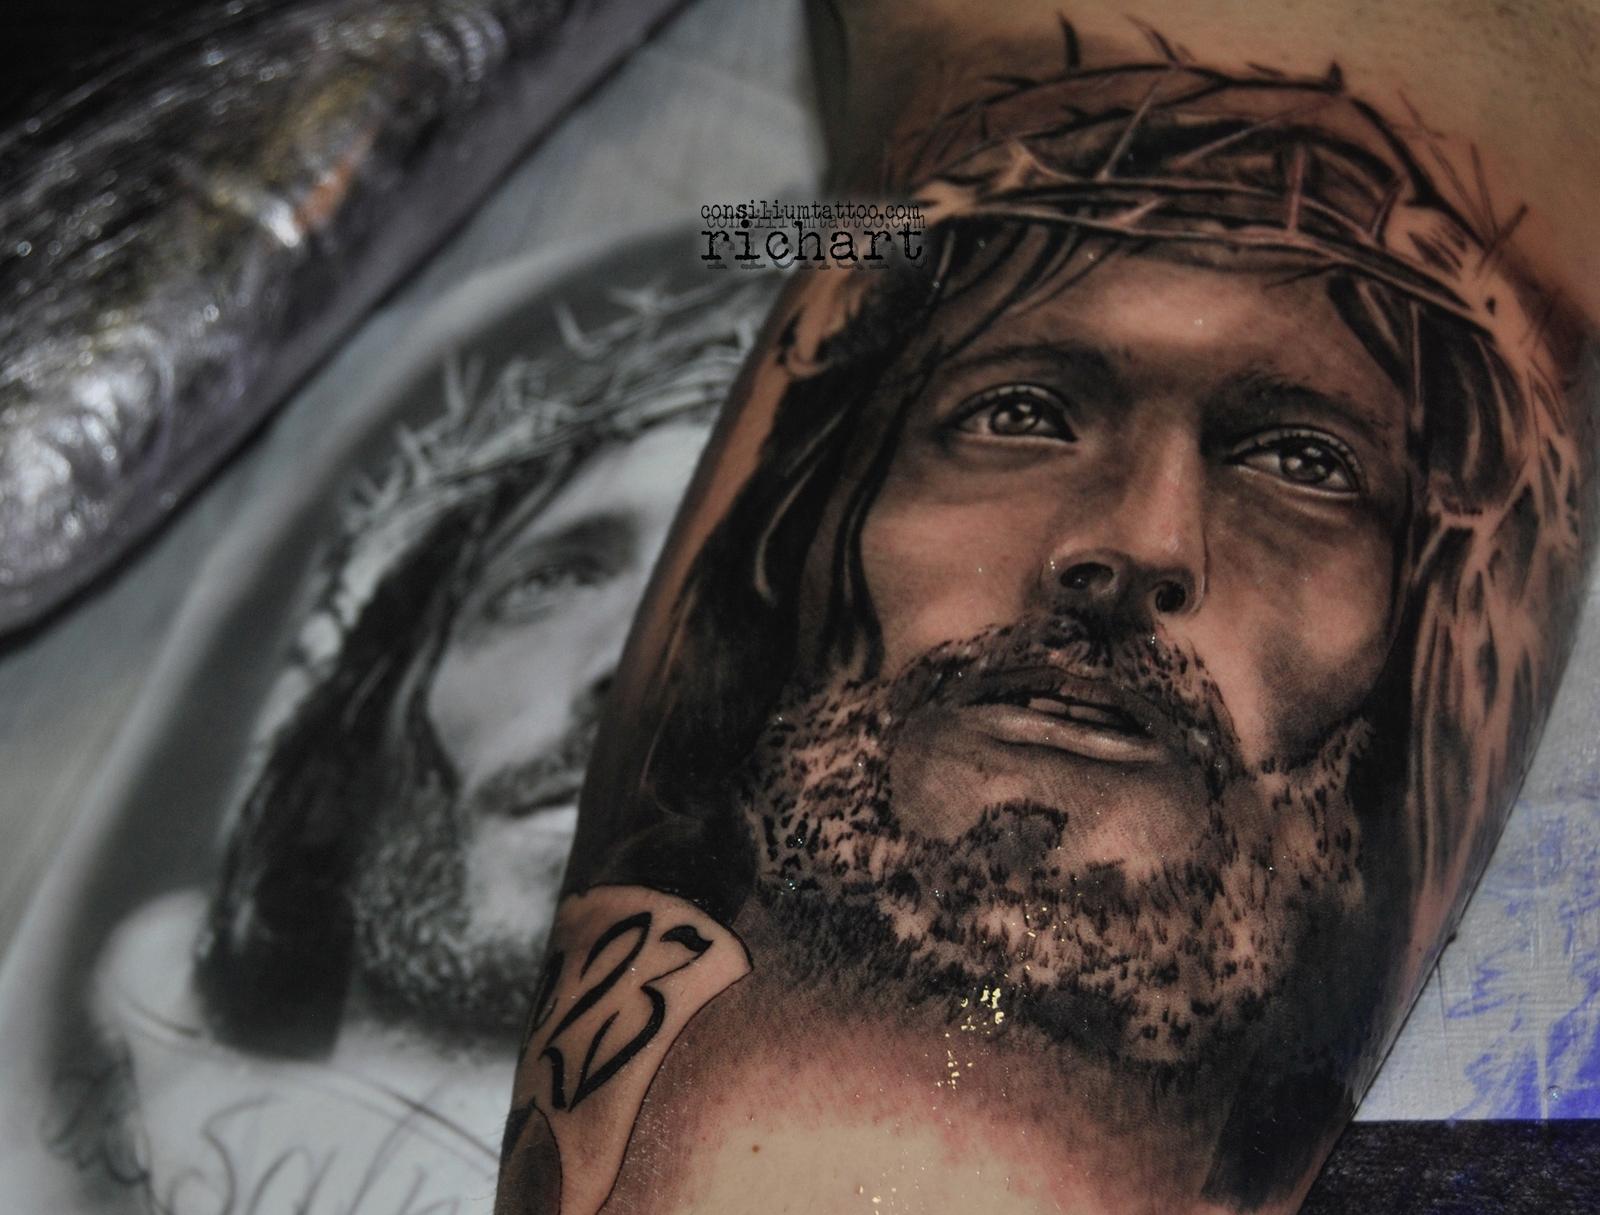 Por Qué Los Tatuajes Son Un Símbolo De Desesperación Foros De La